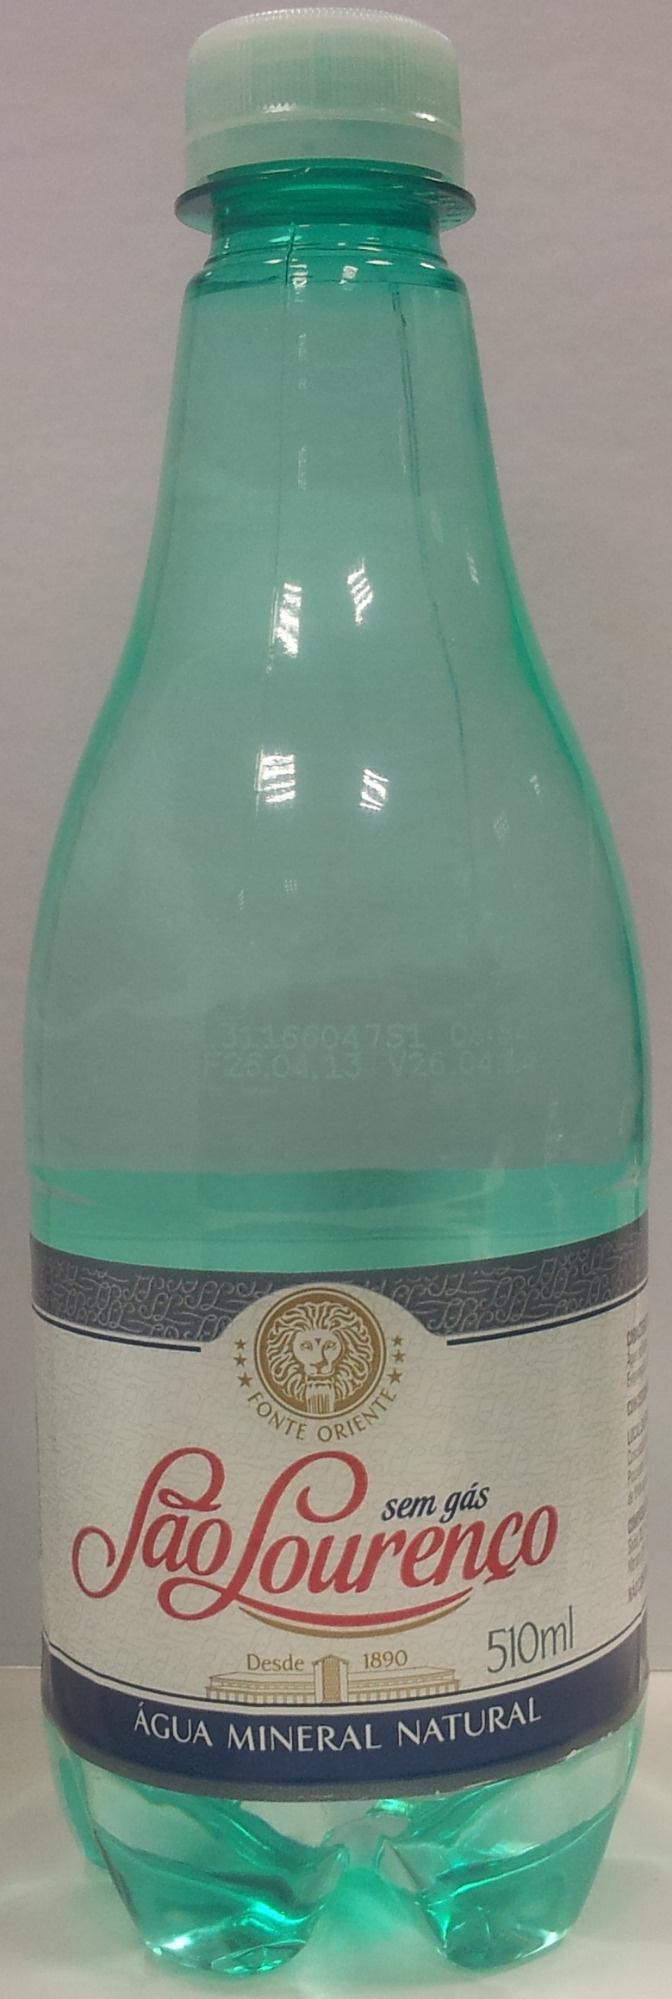 Água Mineral São Lourenço Sem Gás - Product